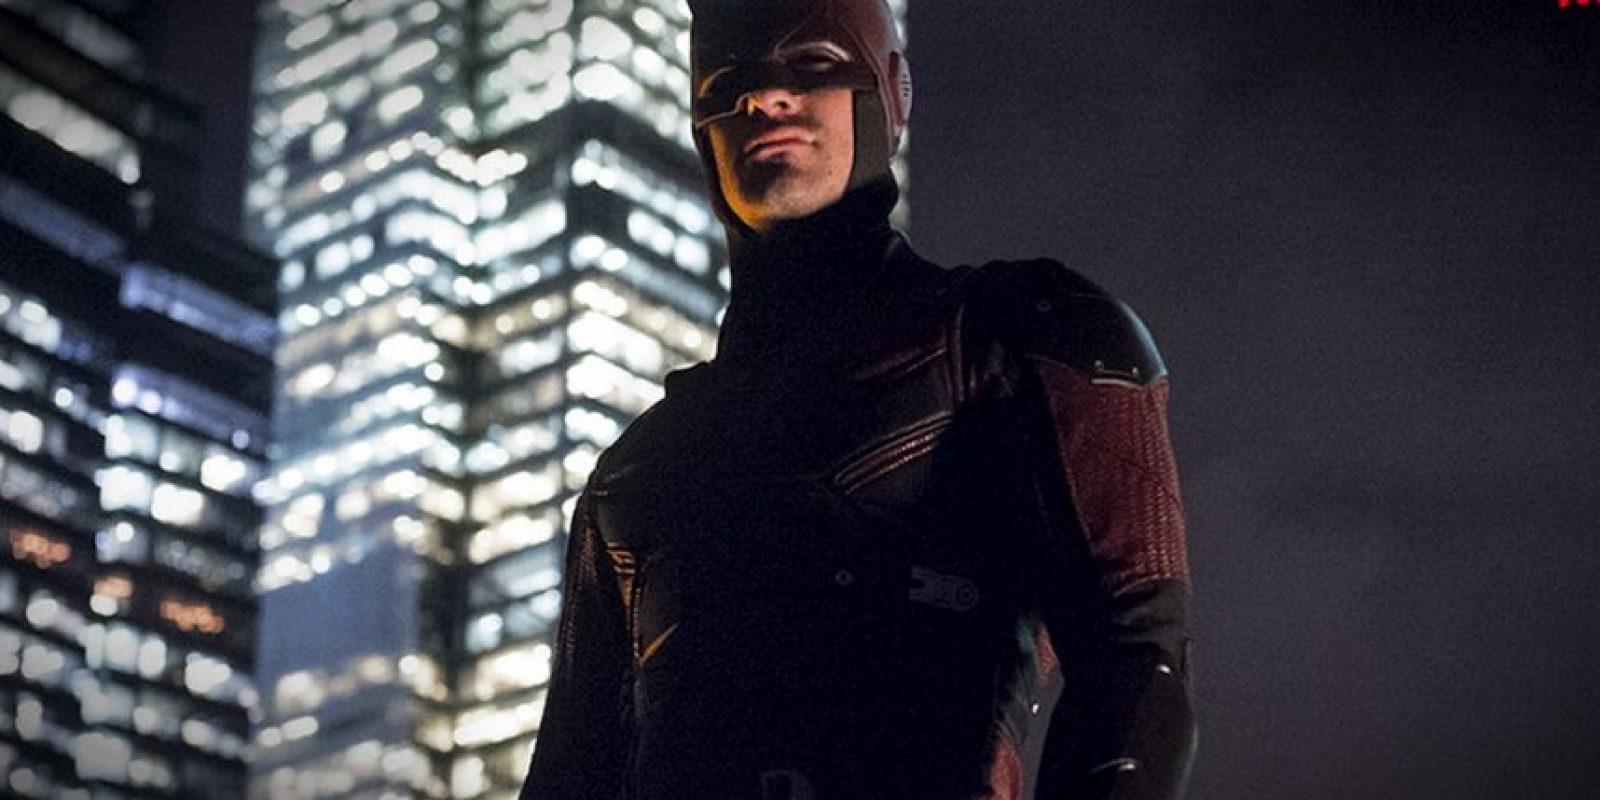 """""""Daredevil"""" es un superhéroe de la editorial """"Marvel Comics"""", creado por Stan Lee y Bill Everett, que tuvo su primera aparición en el la historieta """"Daredevil #1"""", publicado en 1964. Foto:Netflix"""